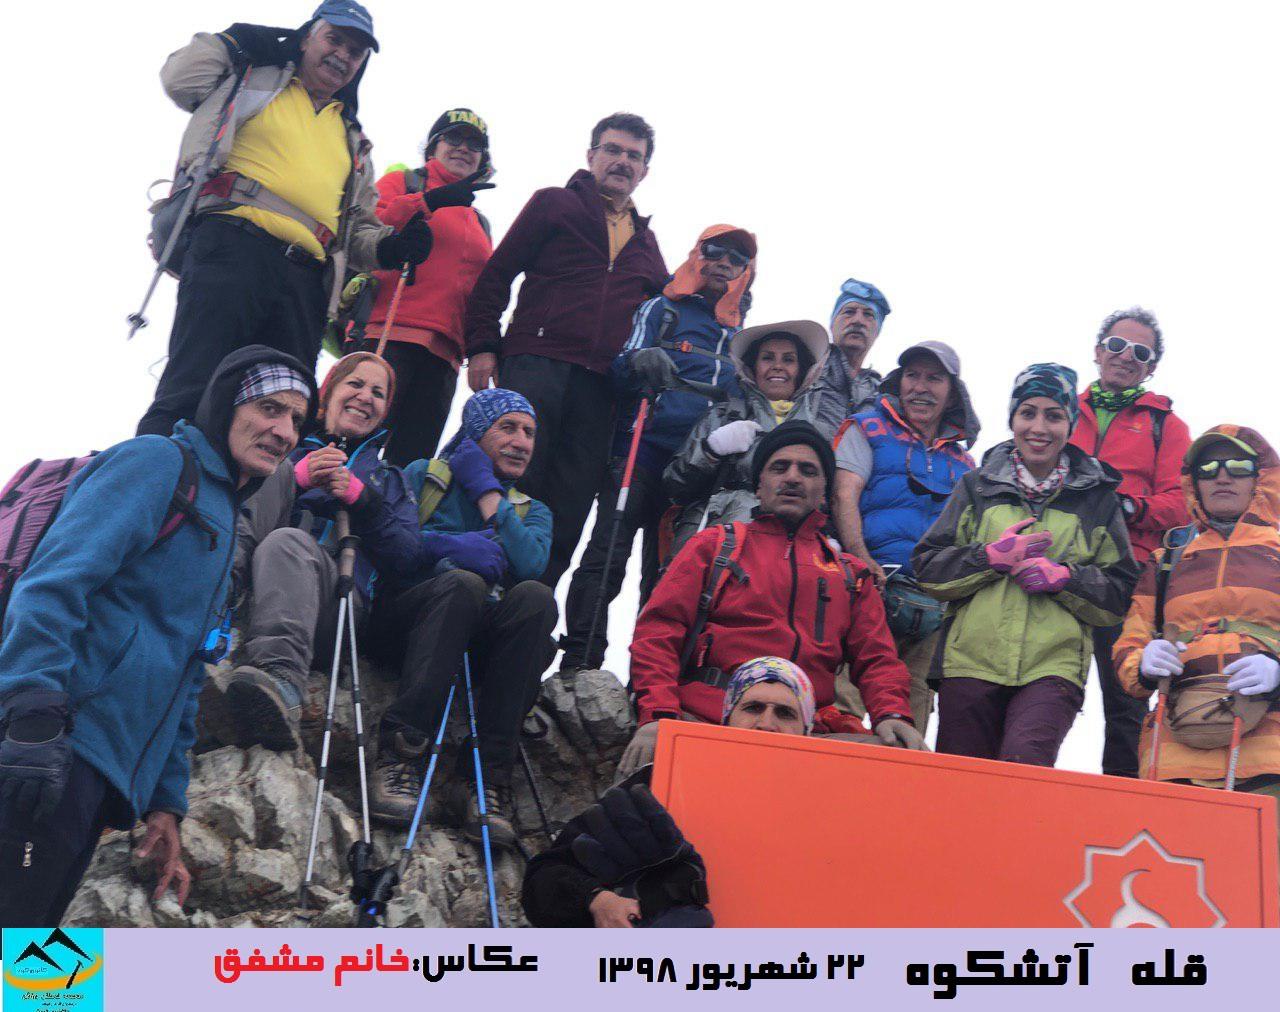 صعود کوهنوردان  کانون کوه به قله آتشکوه